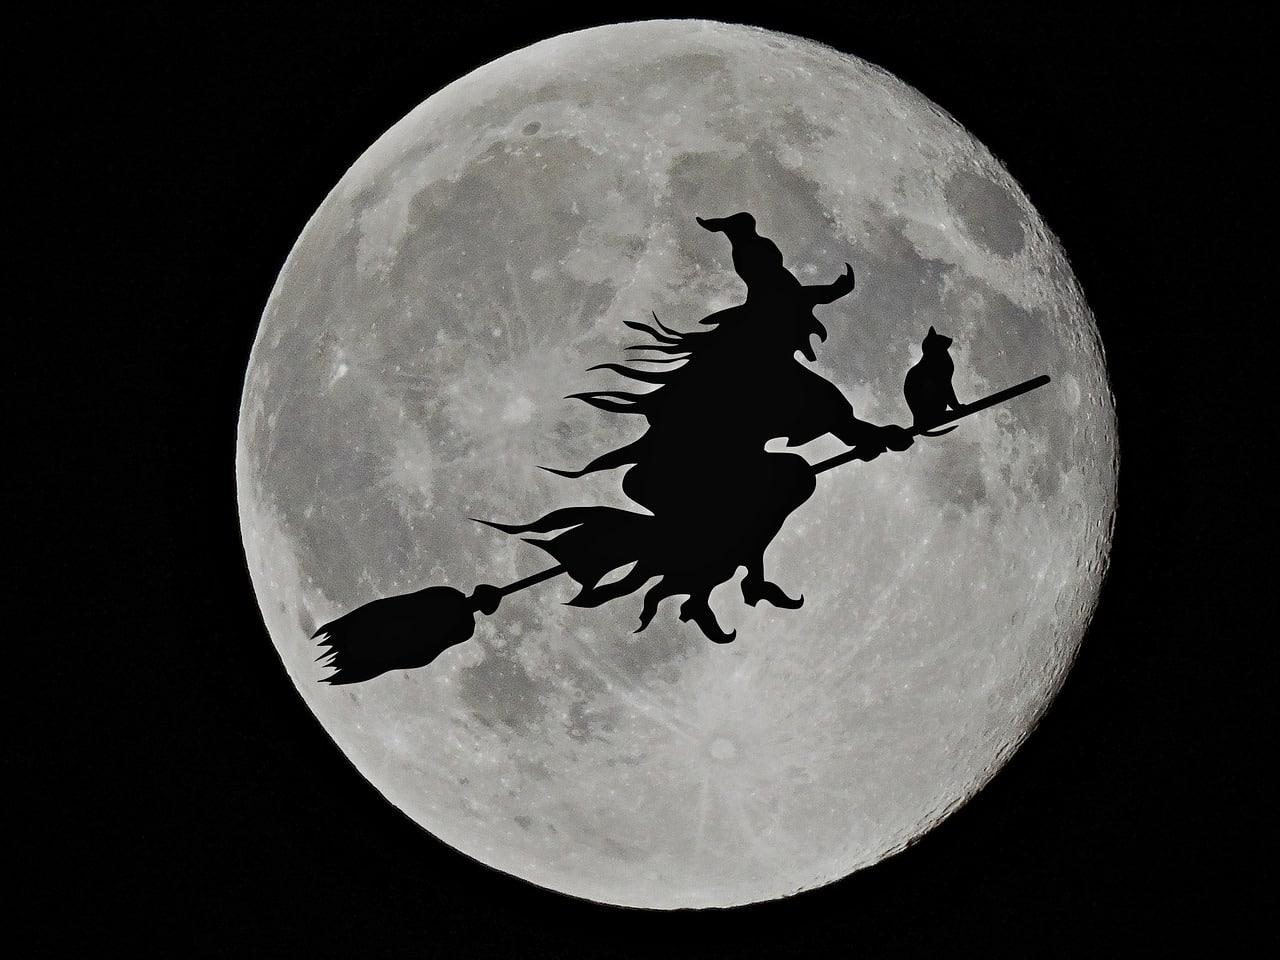 moon 1805899 1280 - 5 เรื่องน่ารู้วันฮาโลวีน 31 ตุลานี้เตรียมแต่งผีมาหลอกผีกัน!